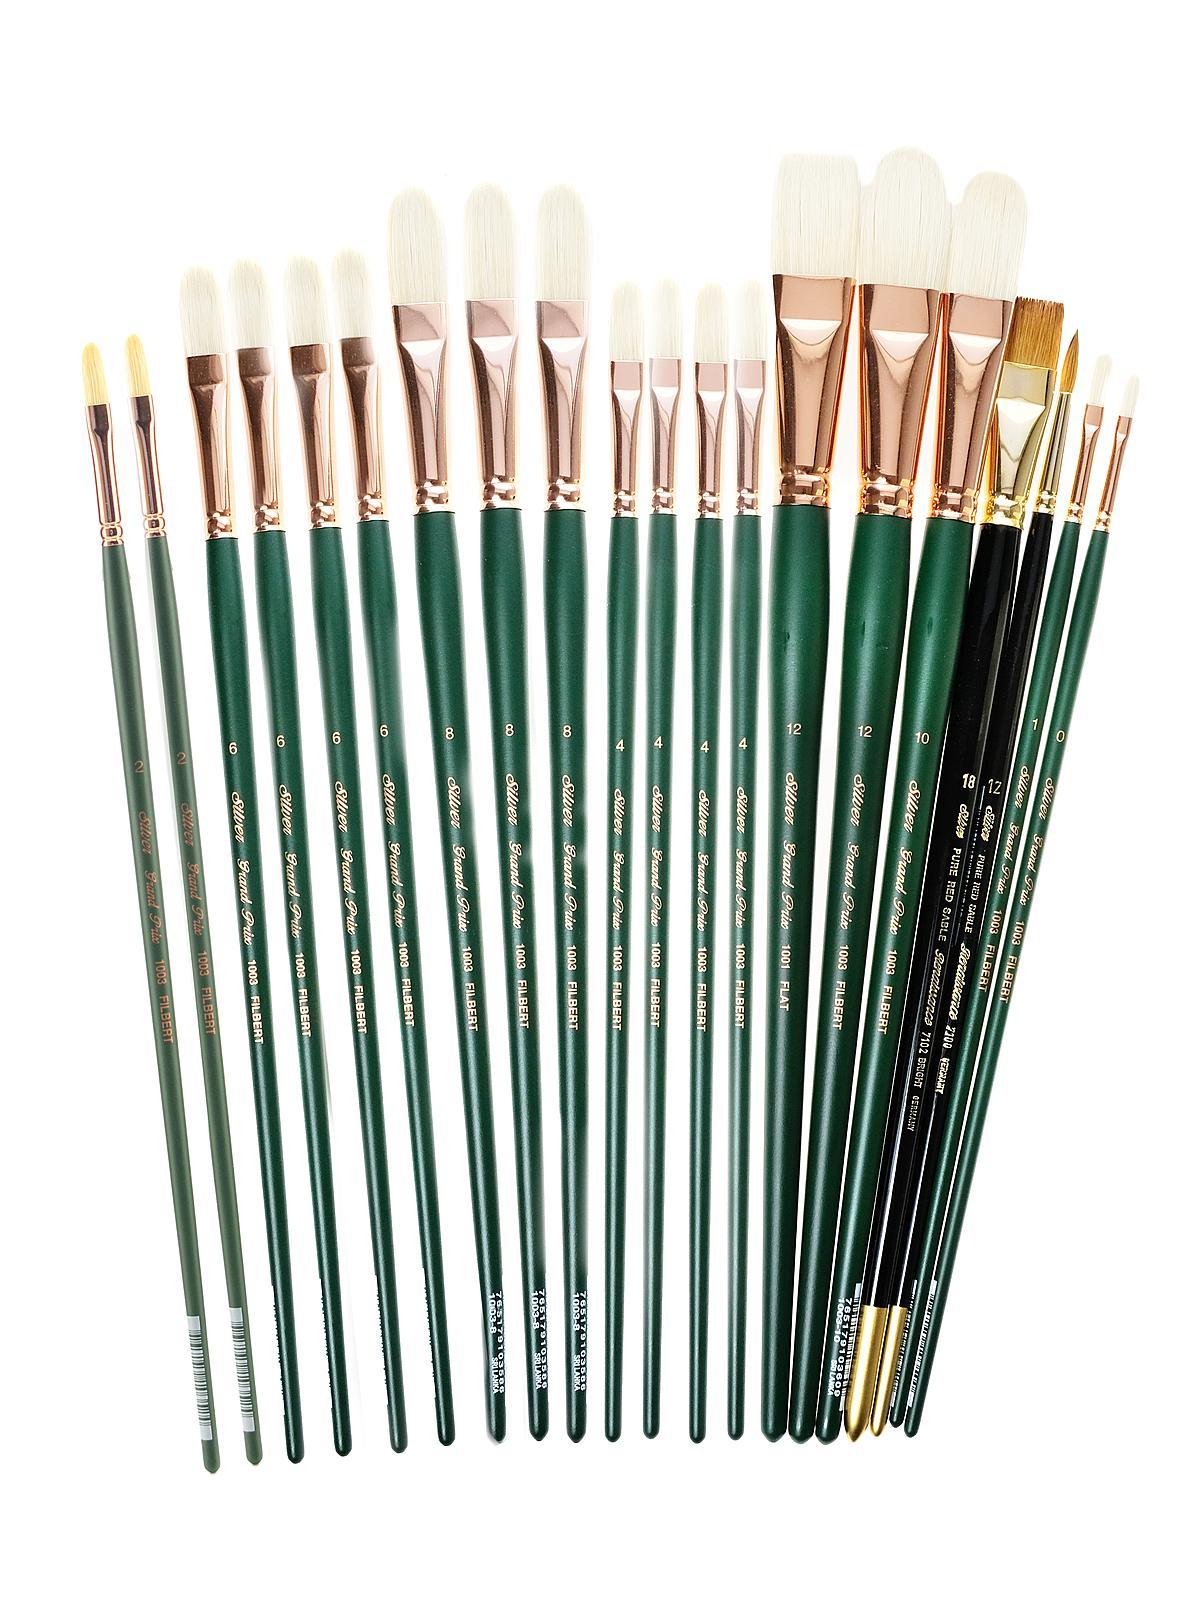 Silver Brush - Everett Kinstler Brush Sets